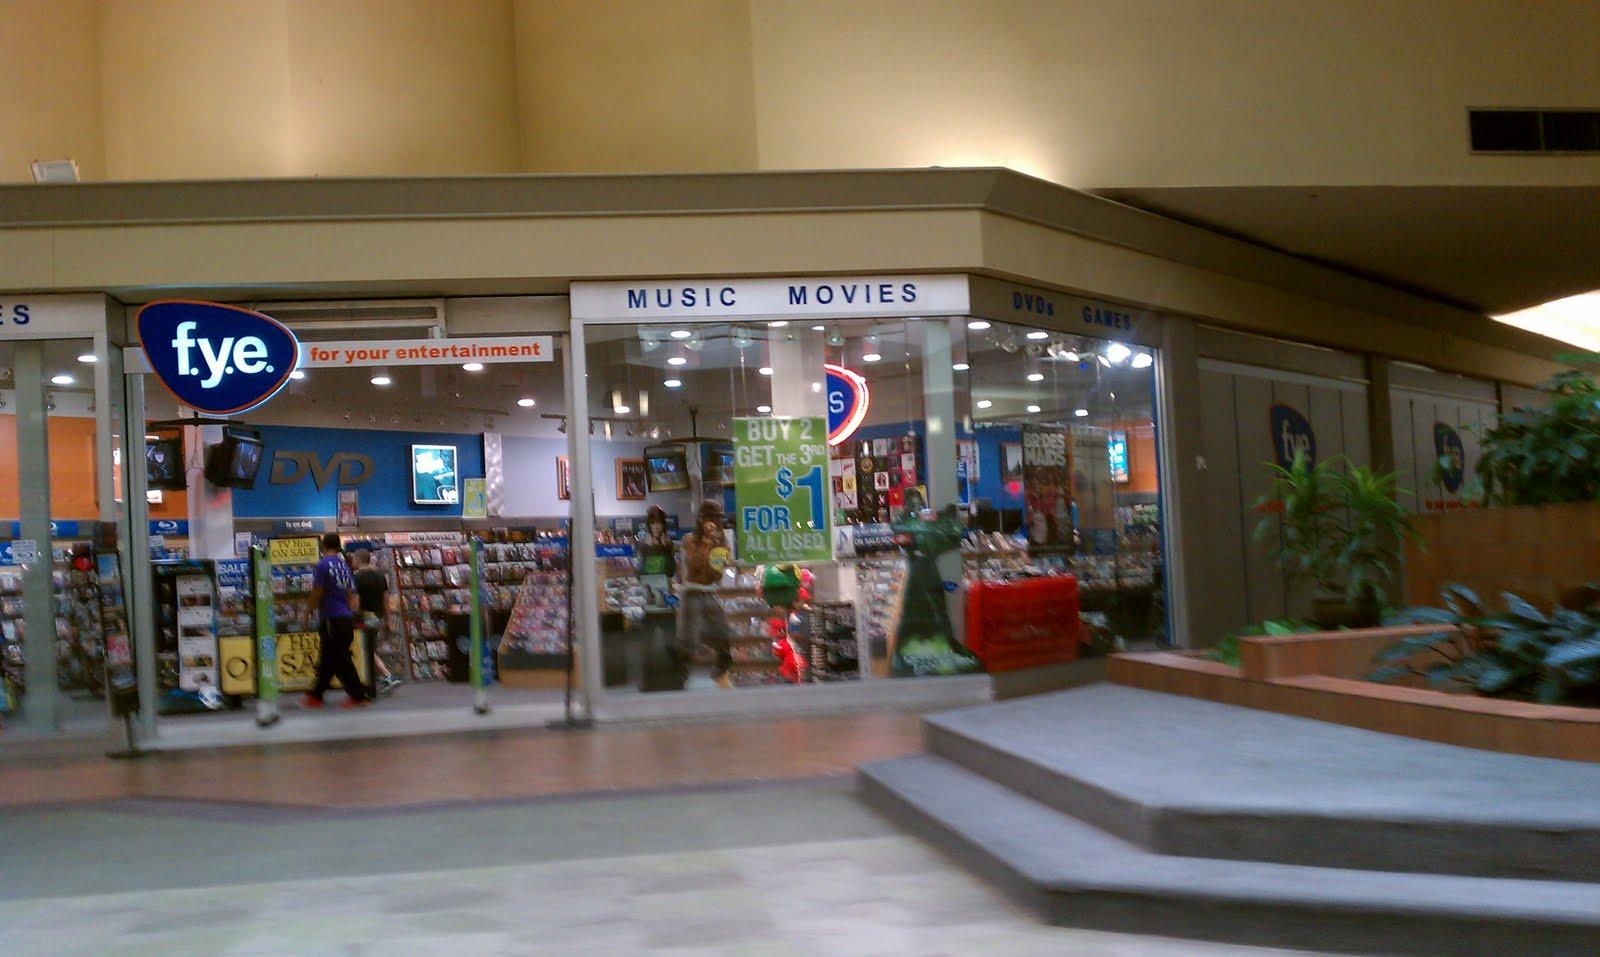 Pierre Bossier Mall Food Court